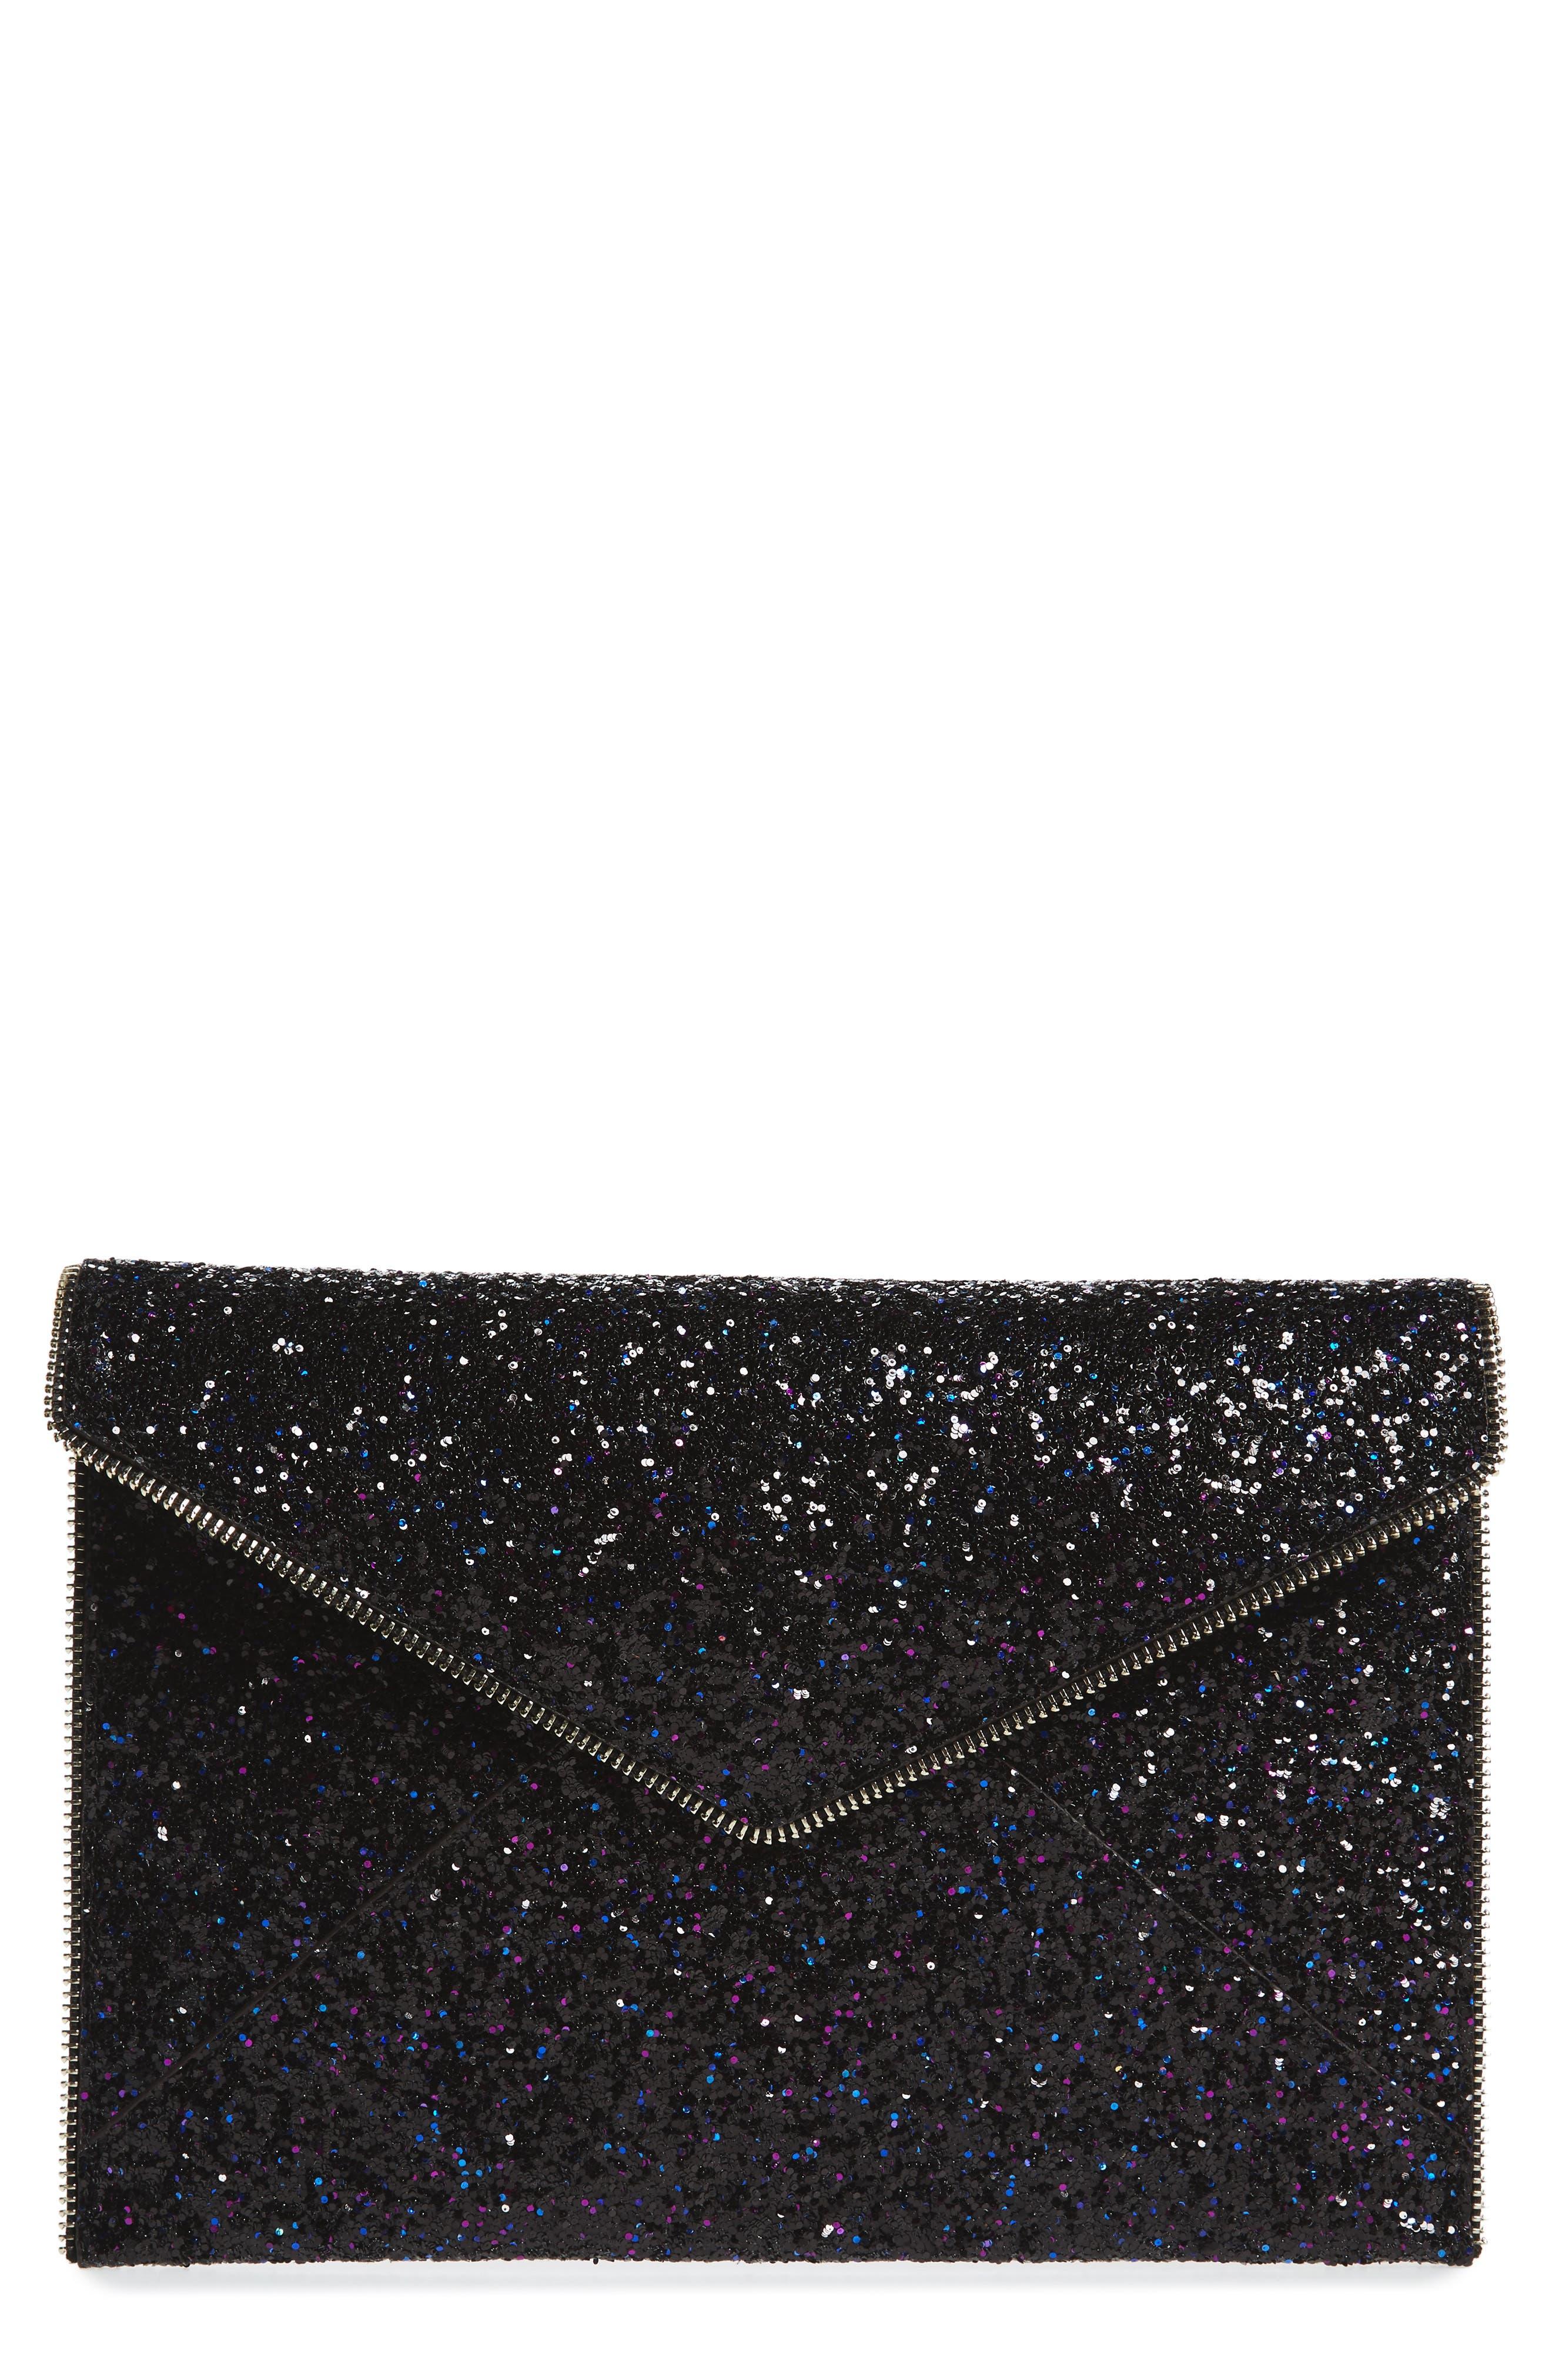 Rebecca Minkoff Leo Glitter Envelope Clutch